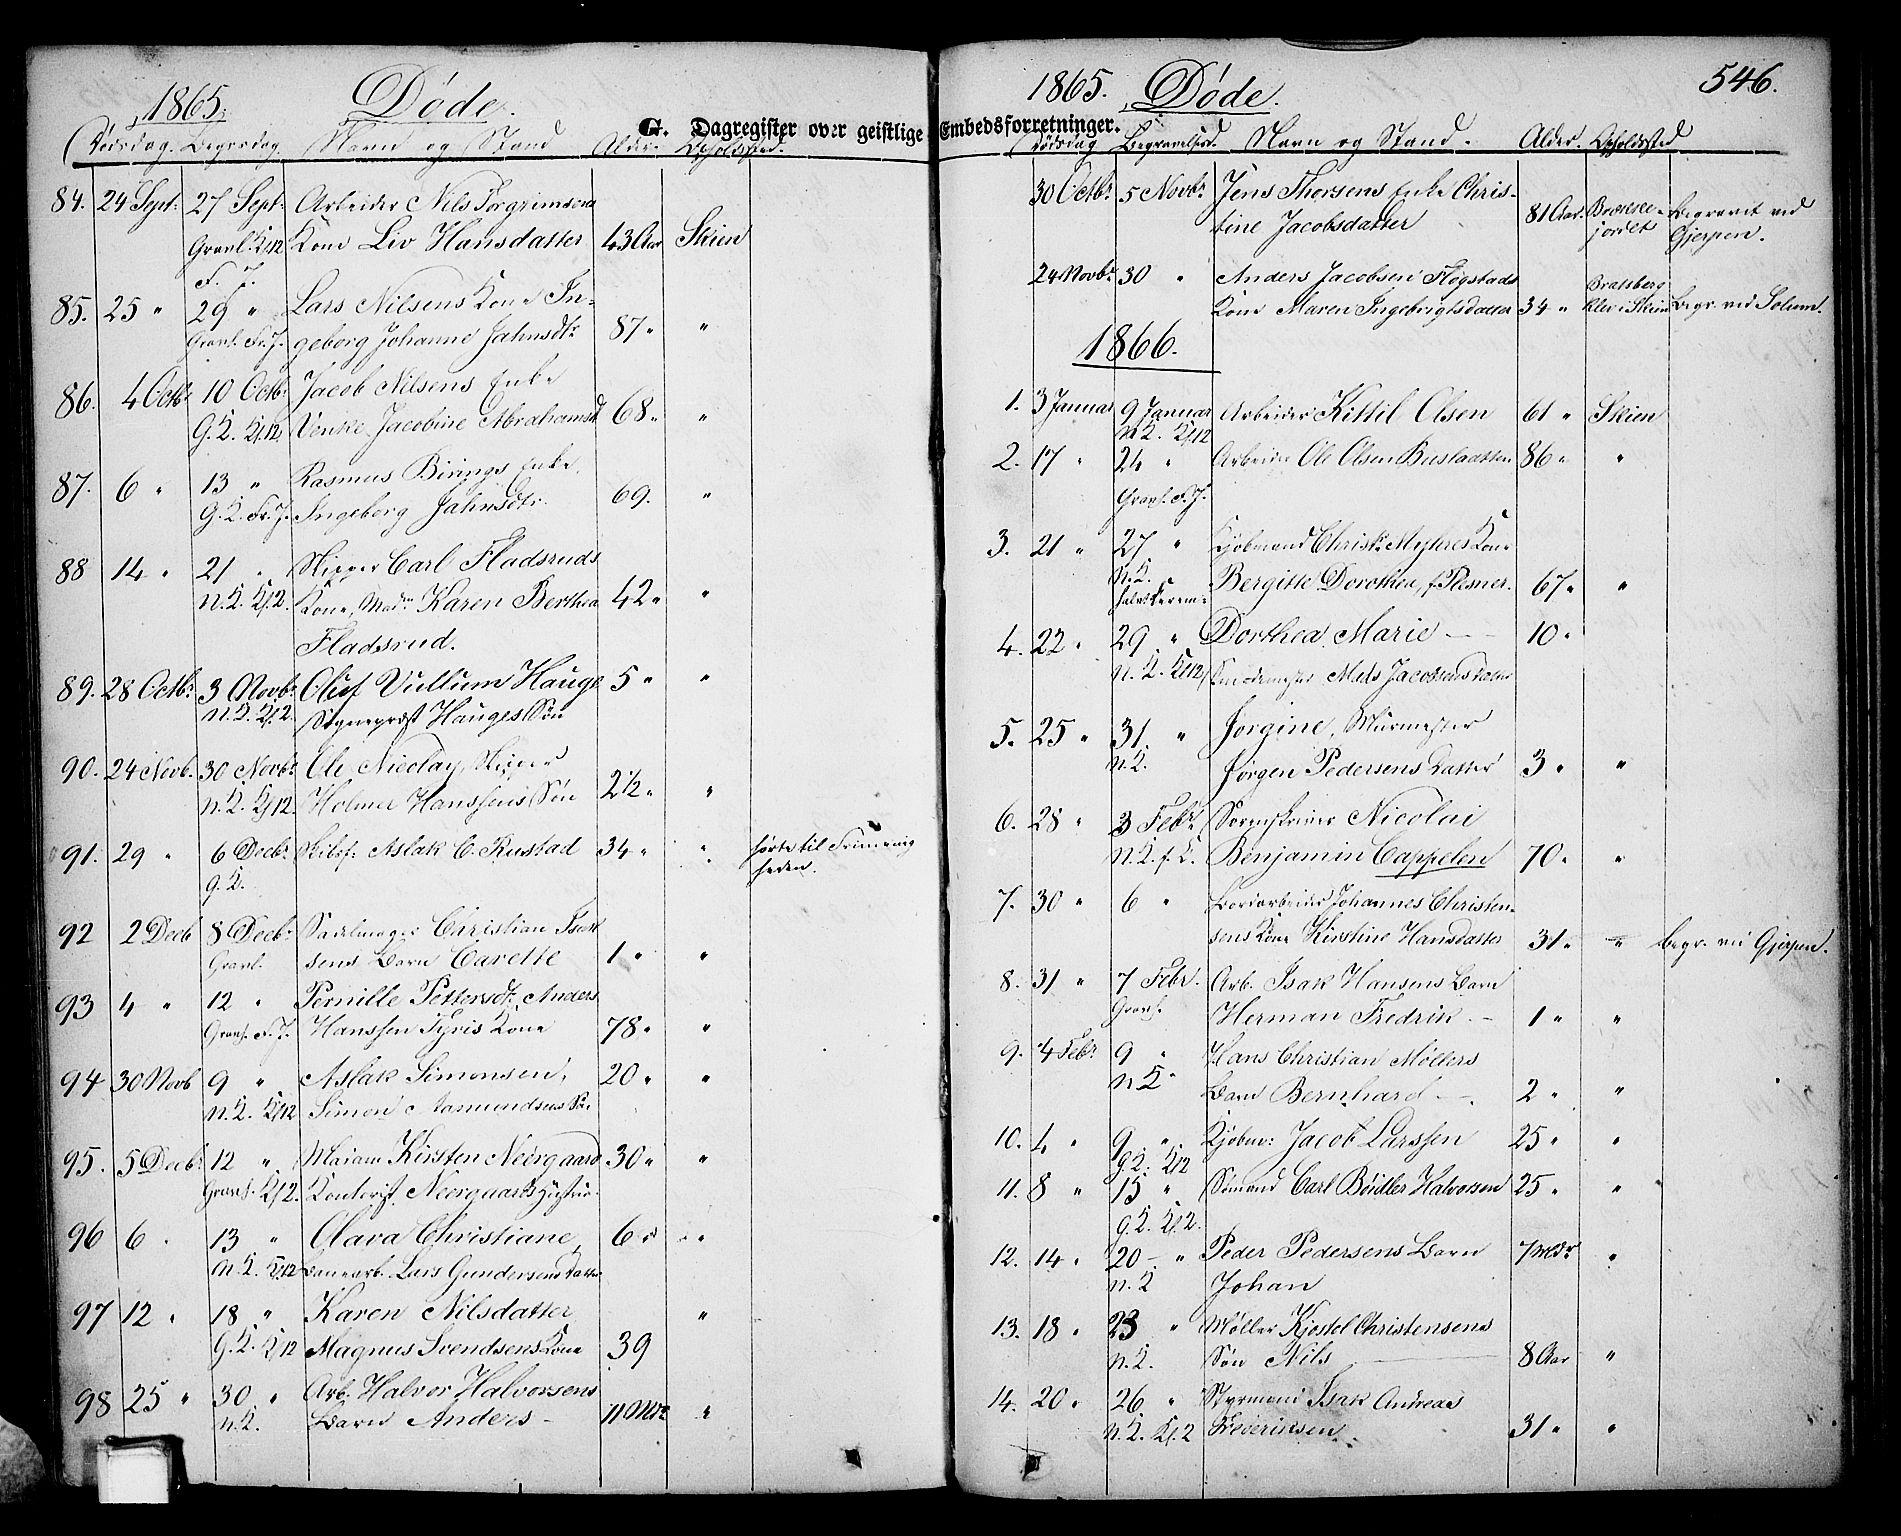 SAKO, Skien kirkebøker, G/Ga/L0004: Klokkerbok nr. 4, 1843-1867, s. 546